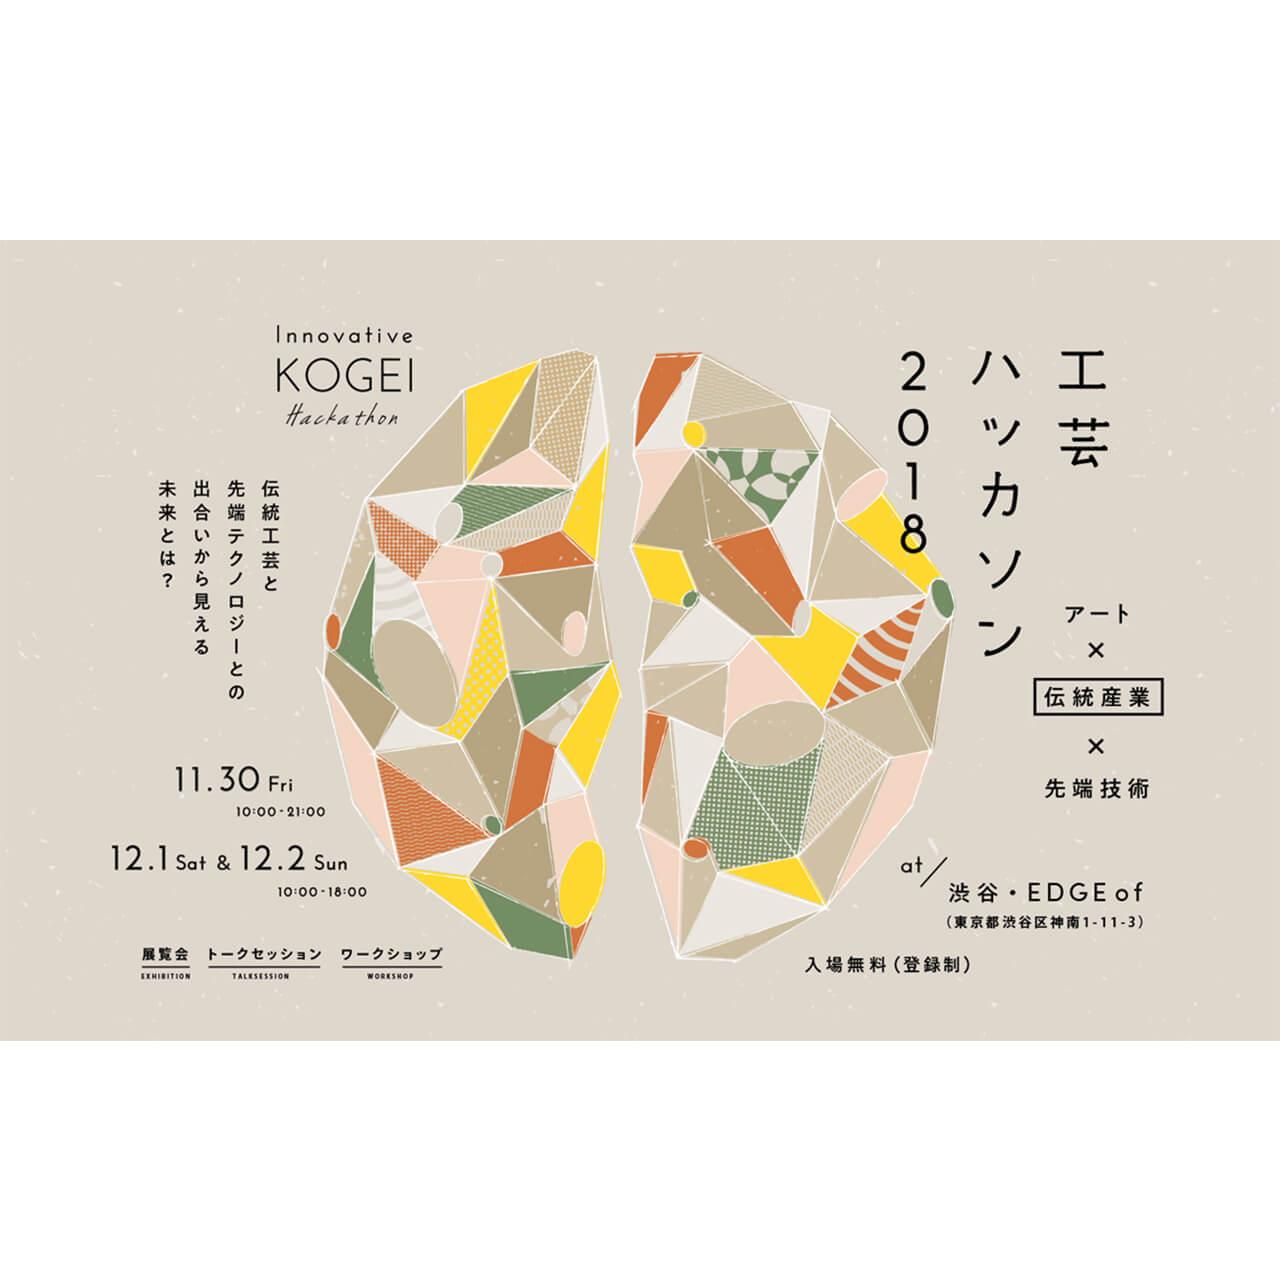 伝統産業の未来をアートと先端技術で切り開く「工芸ハッカソン」が渋谷で開催